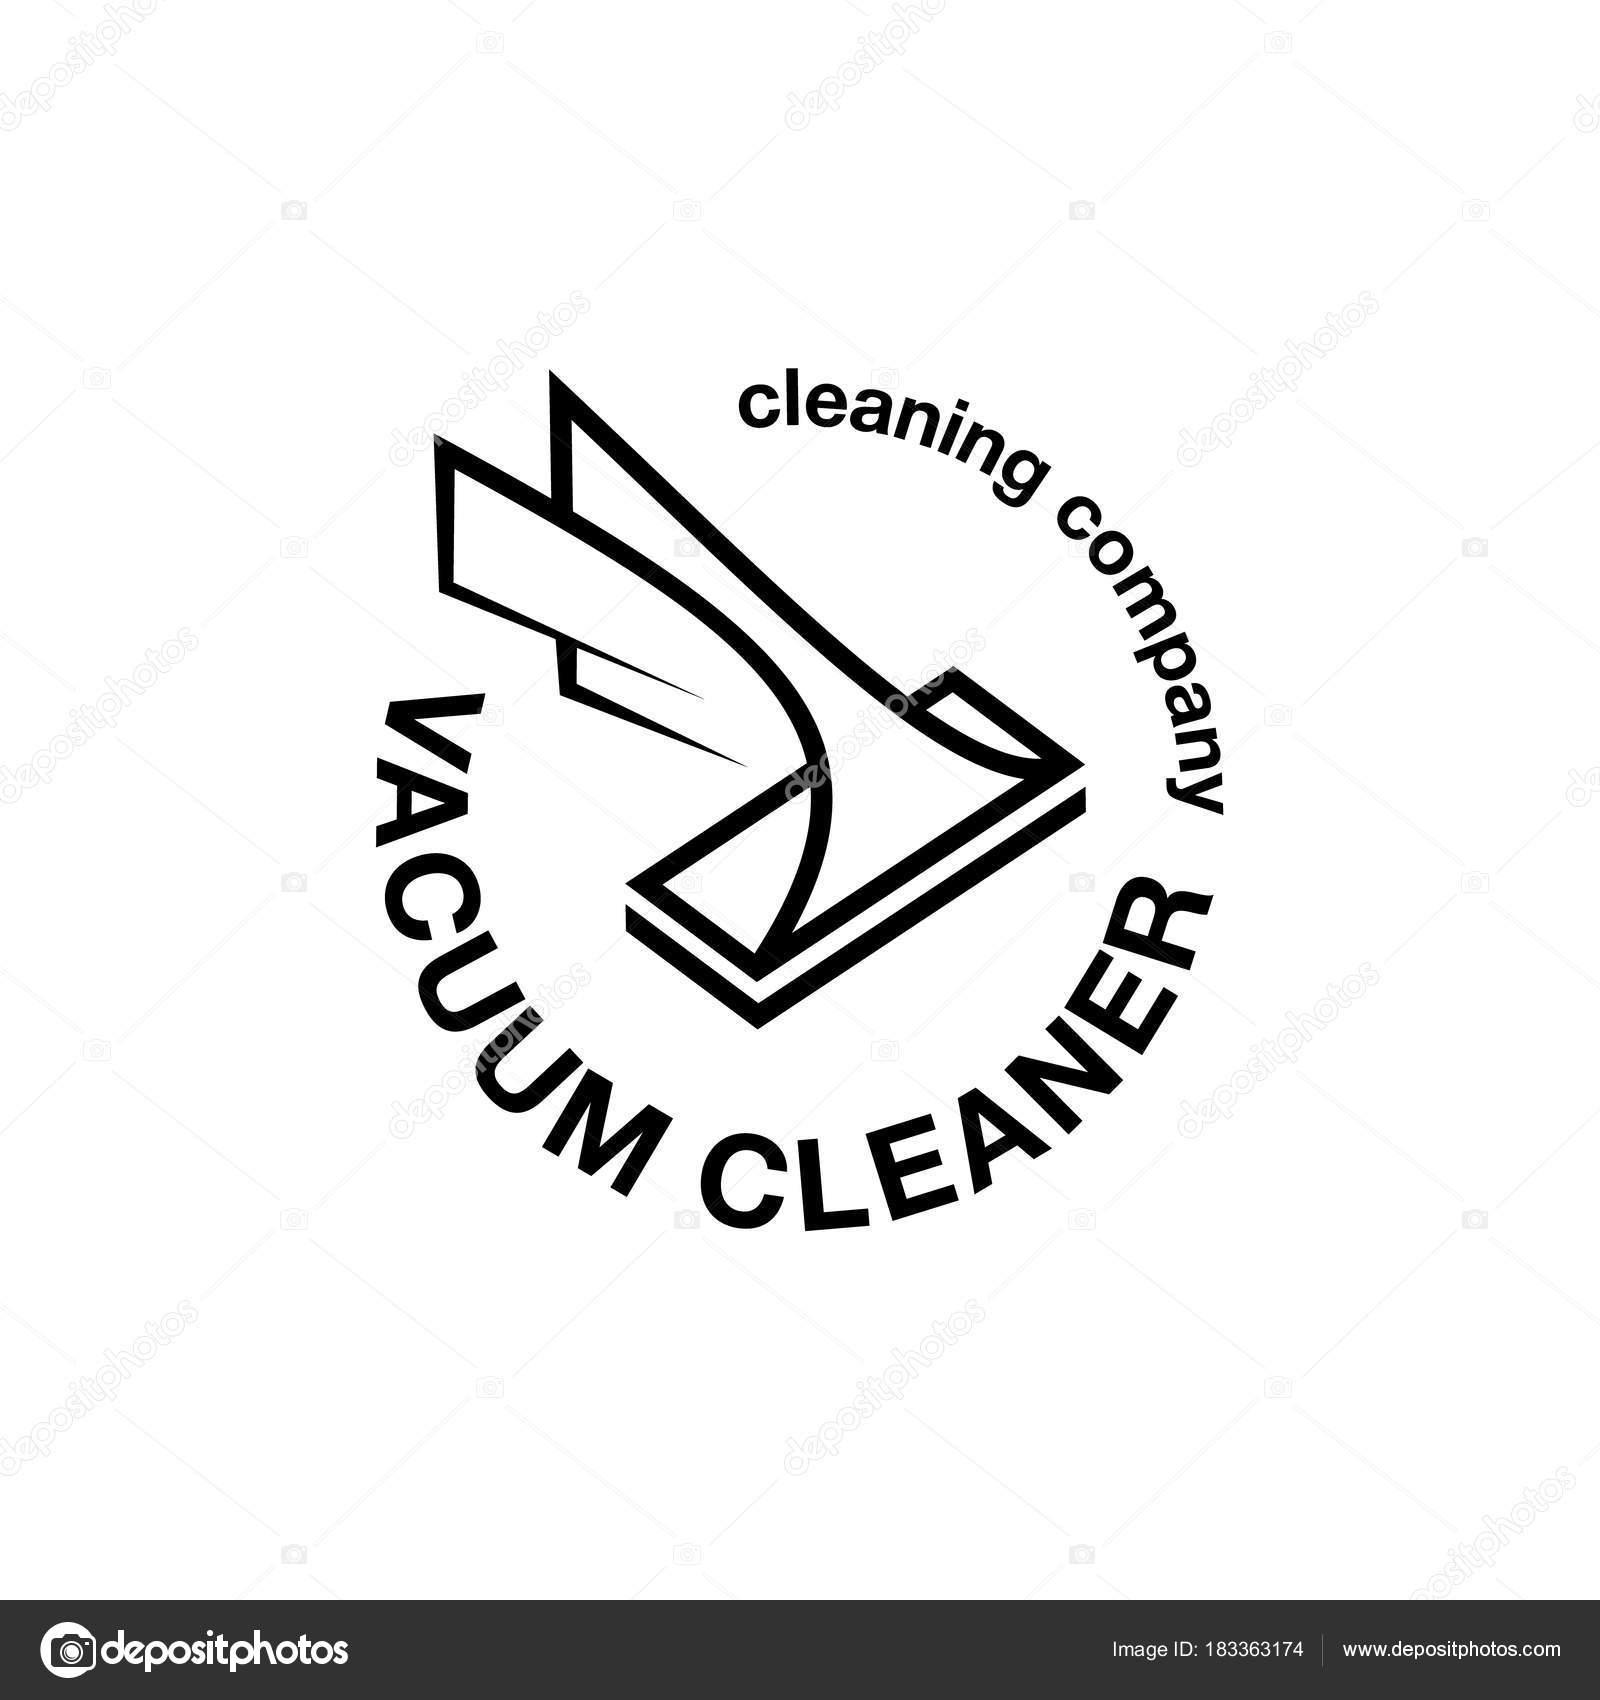 Modele De Logo Pour La Carte Visite Identite Marque Et Entreprise Nettoyage Illustration Stock